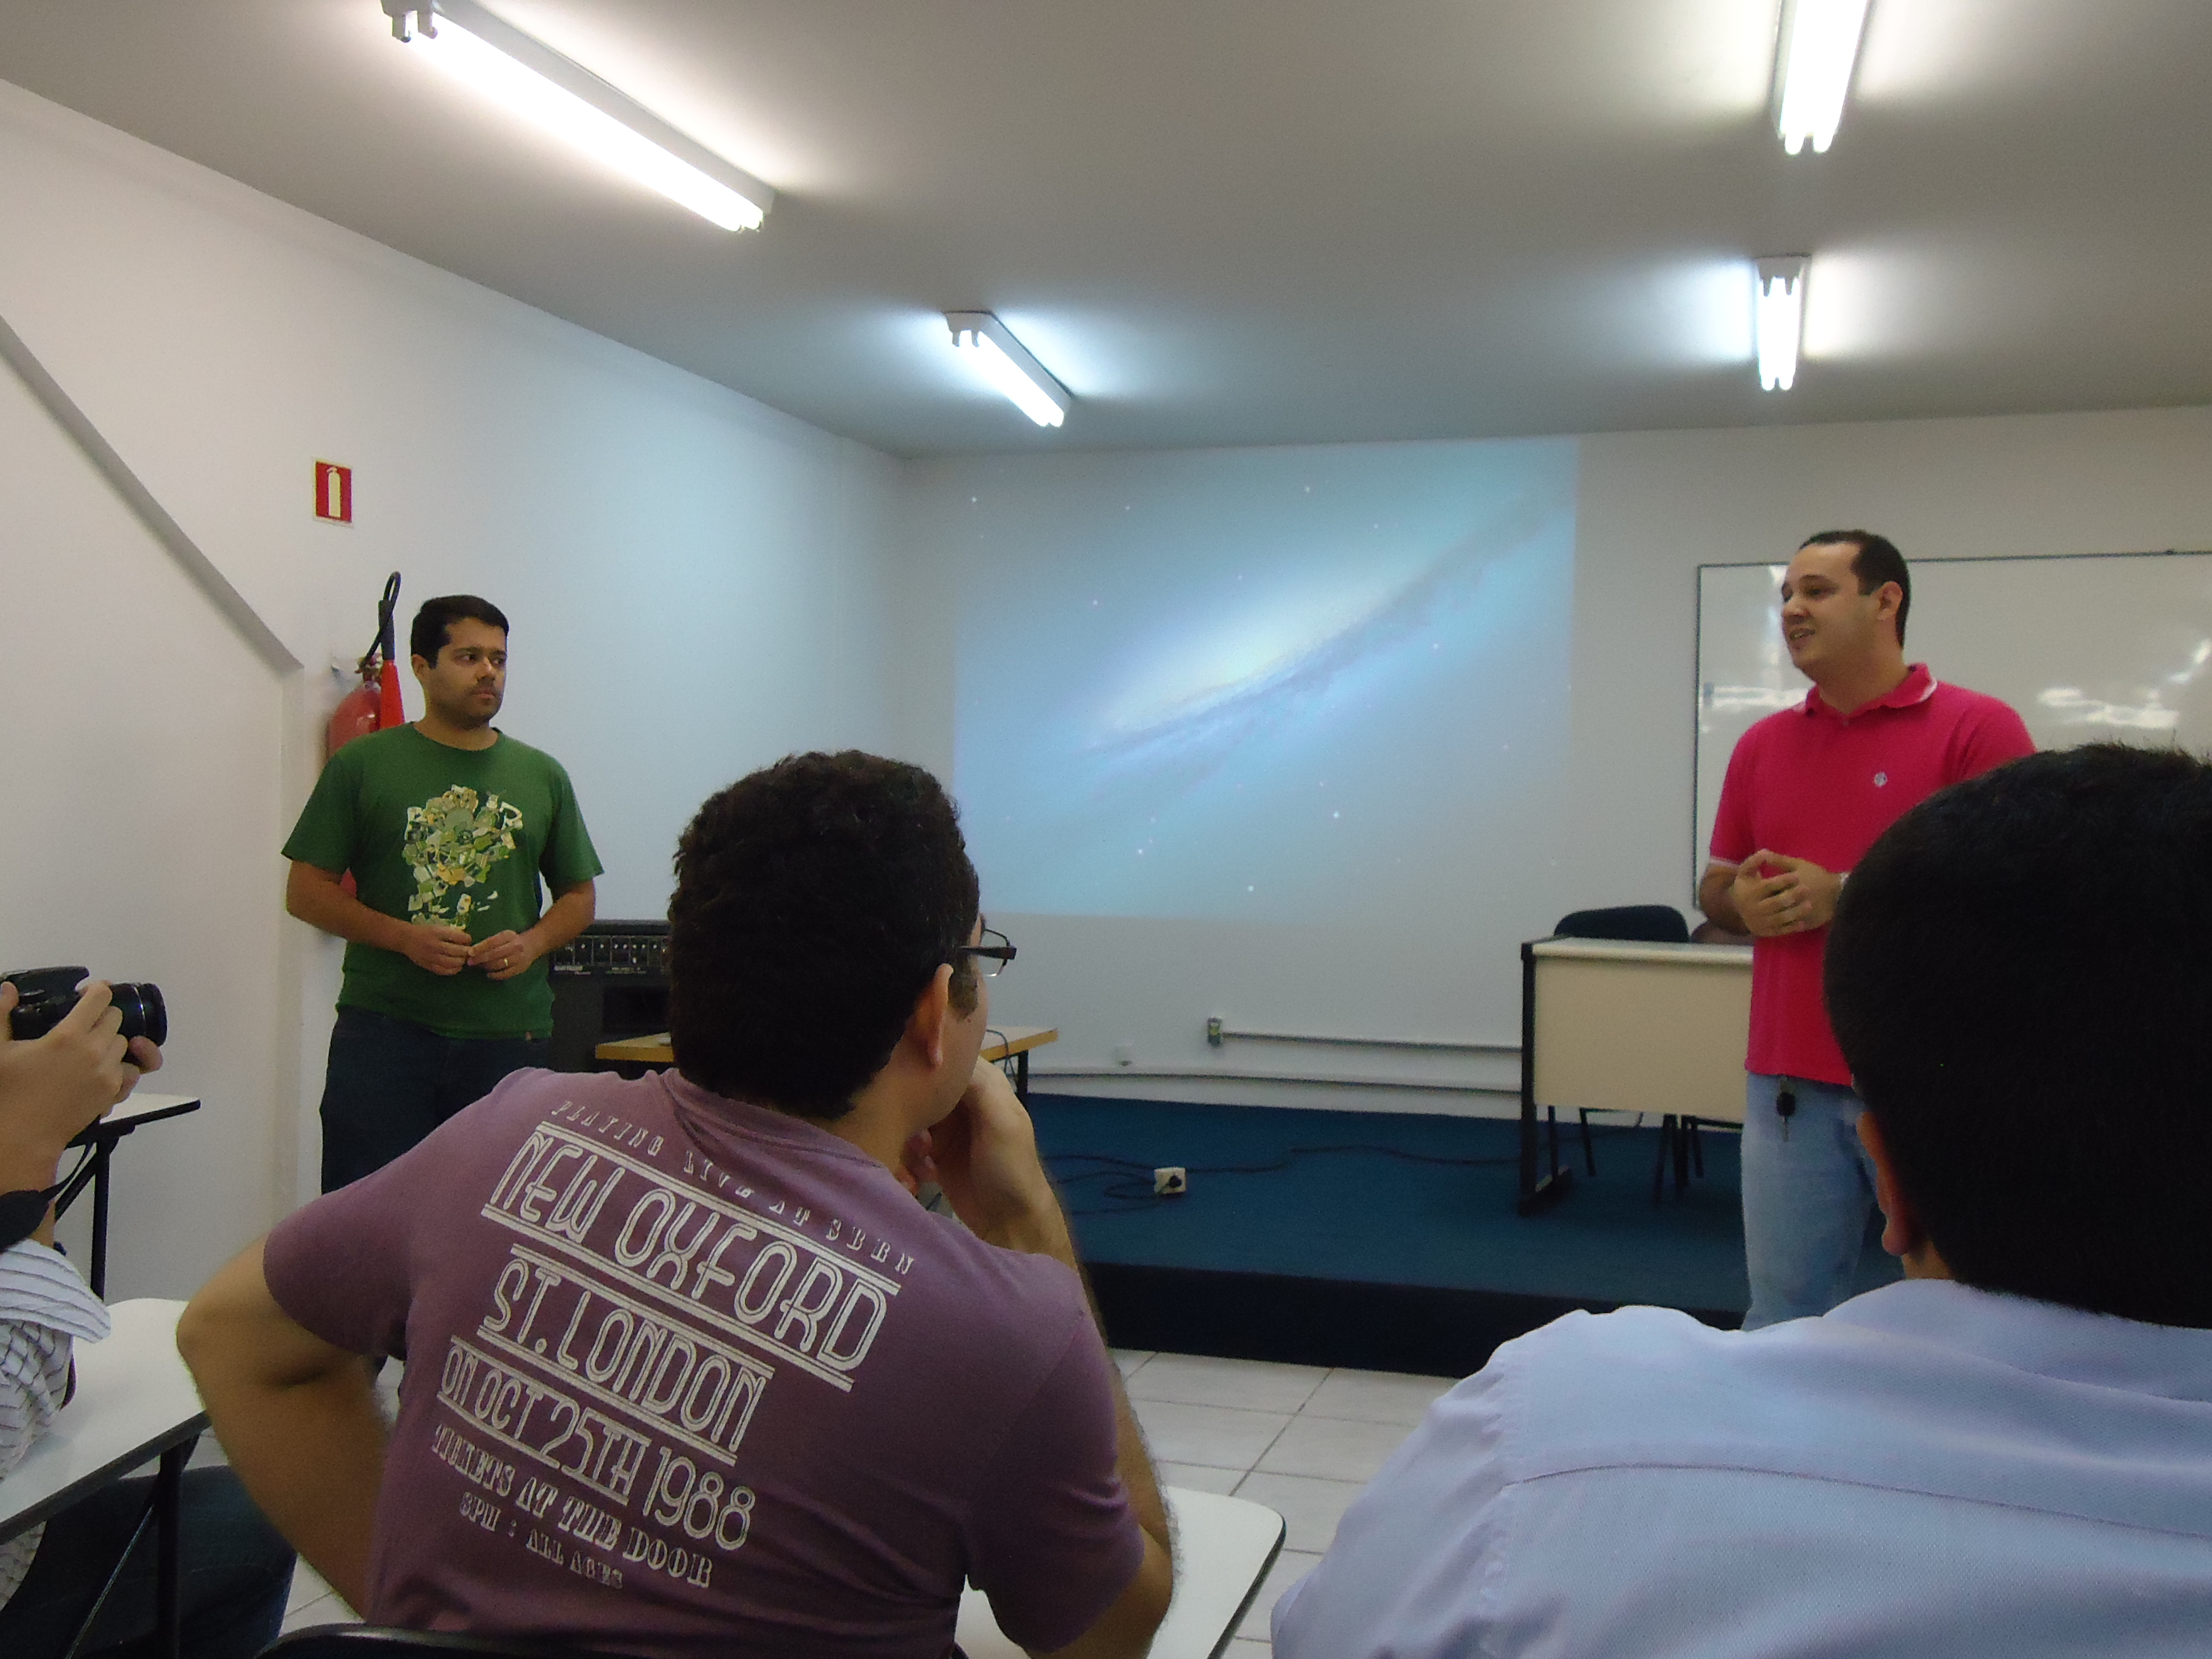 Fábio Aguiar dando boas-vindas à Vinícius Teles.